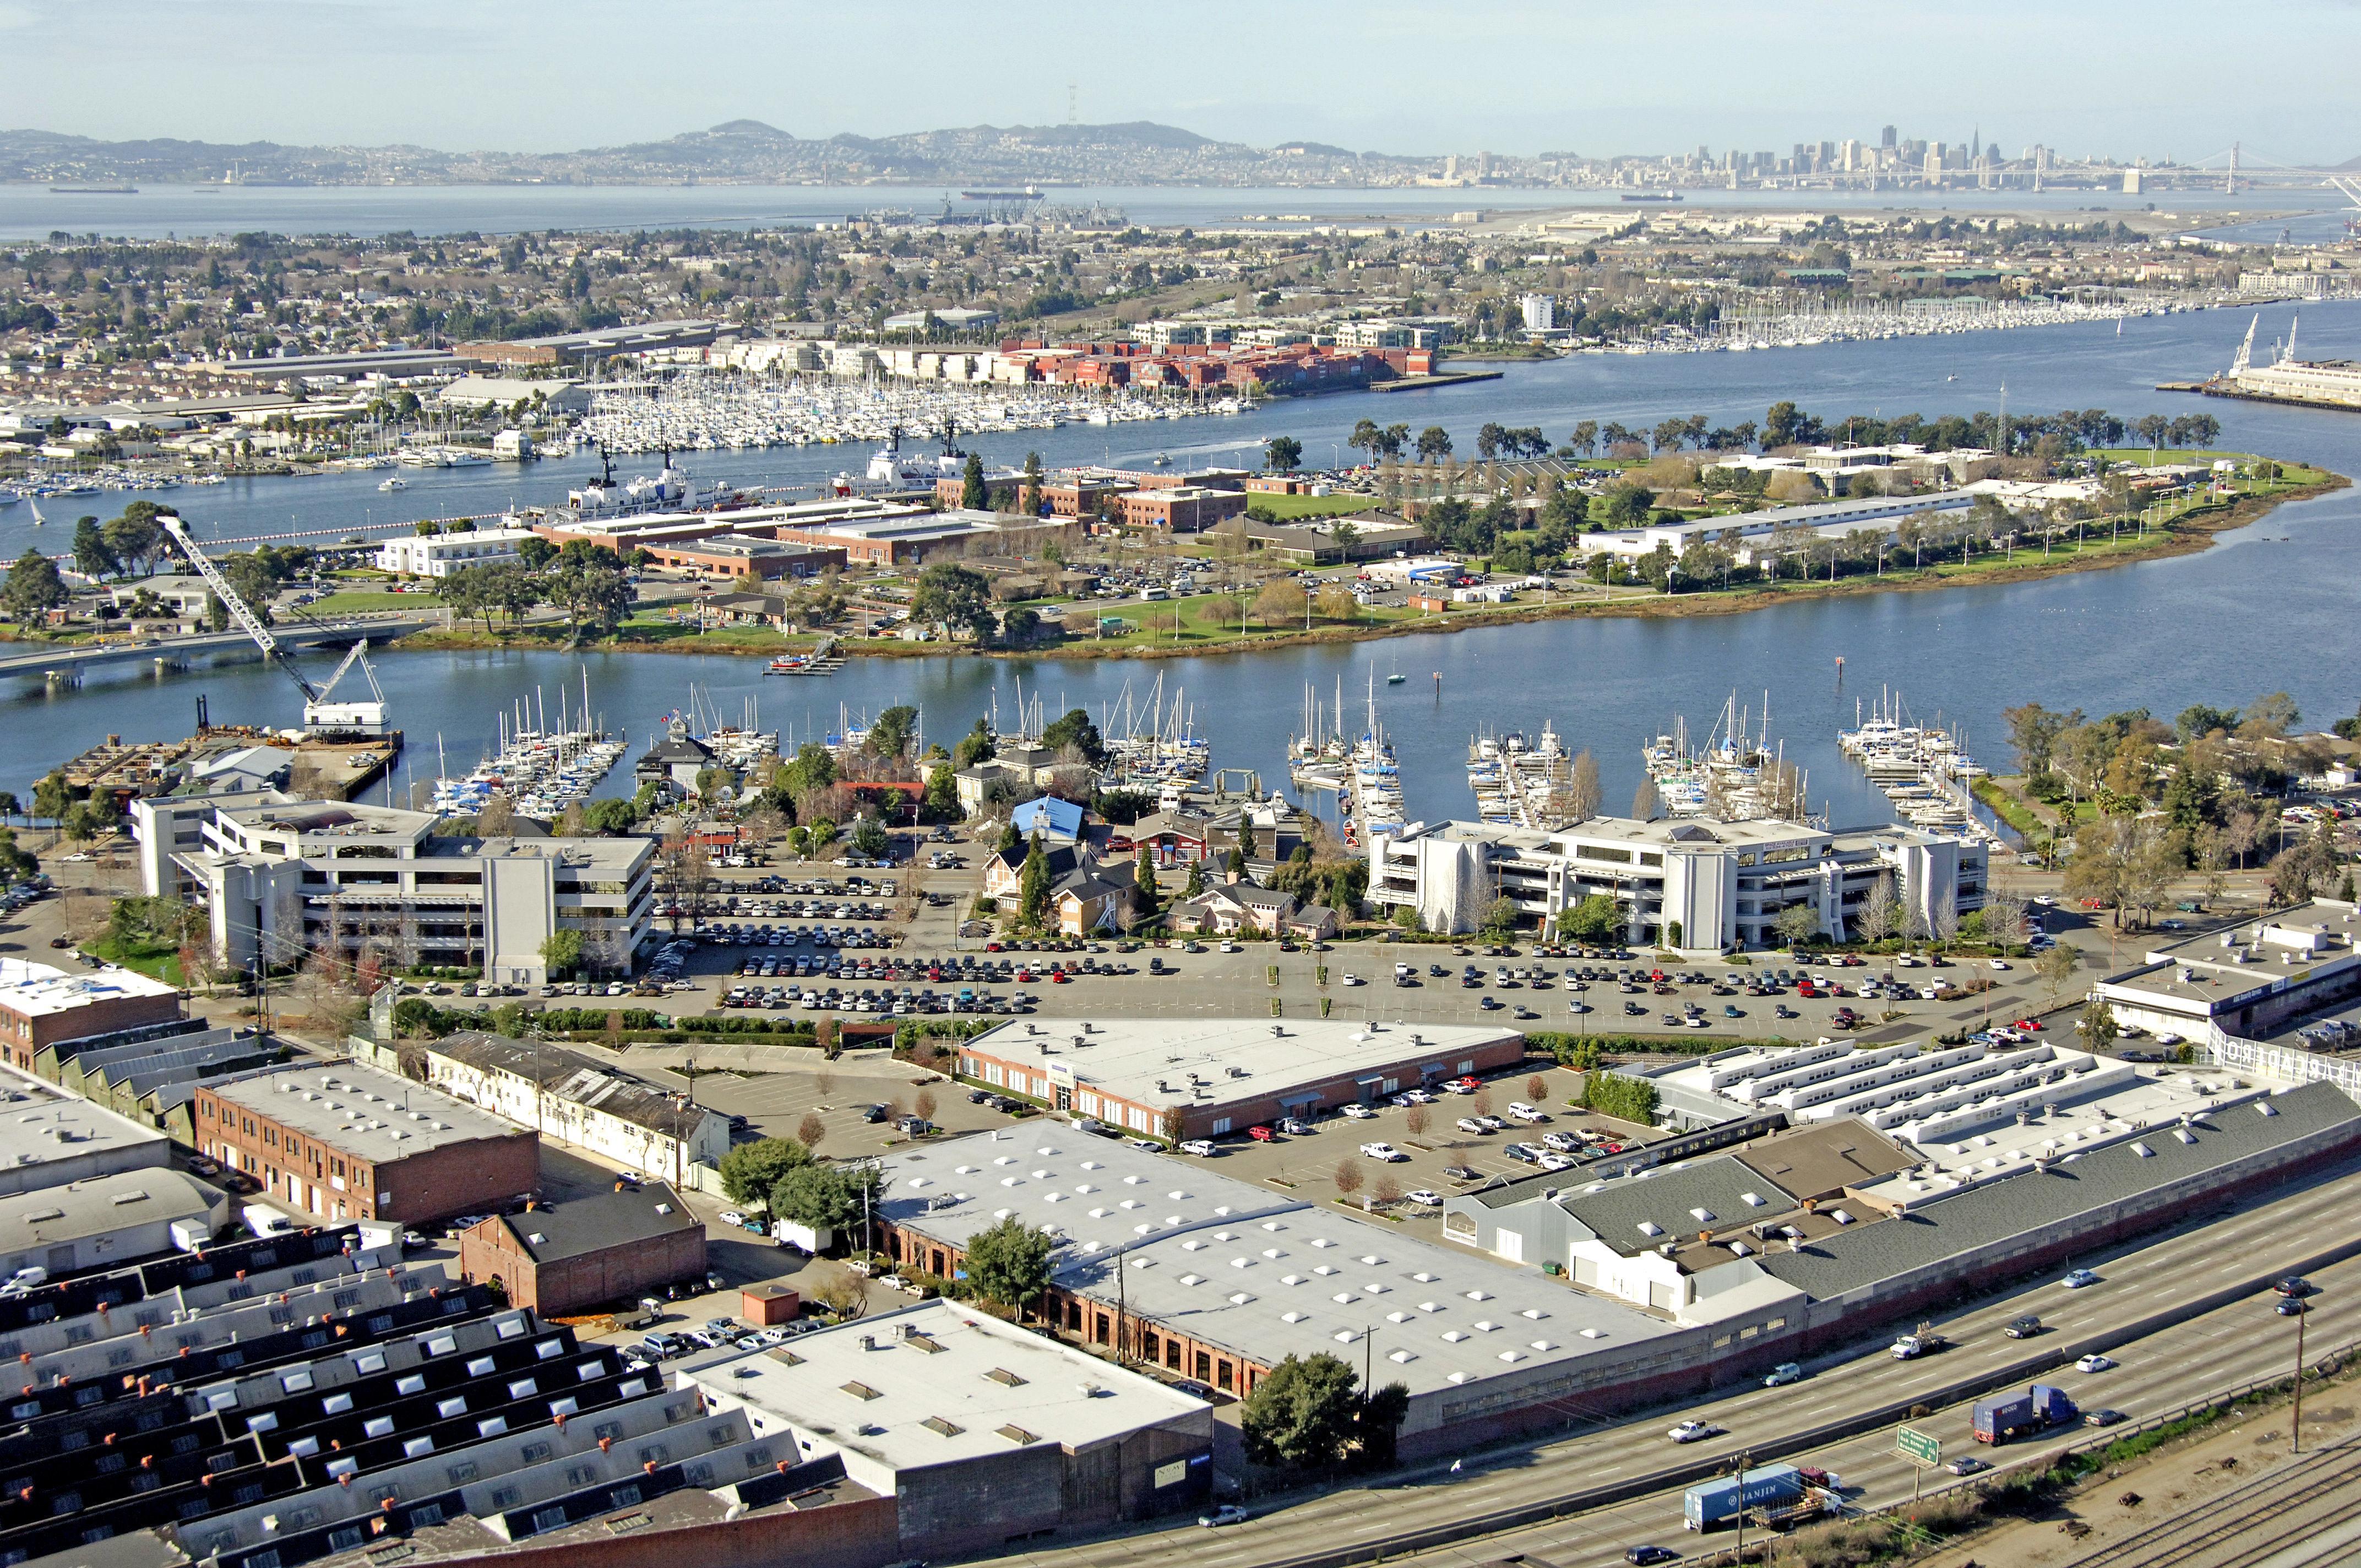 Embarcadero Cove Marina In Oakland Ca United States